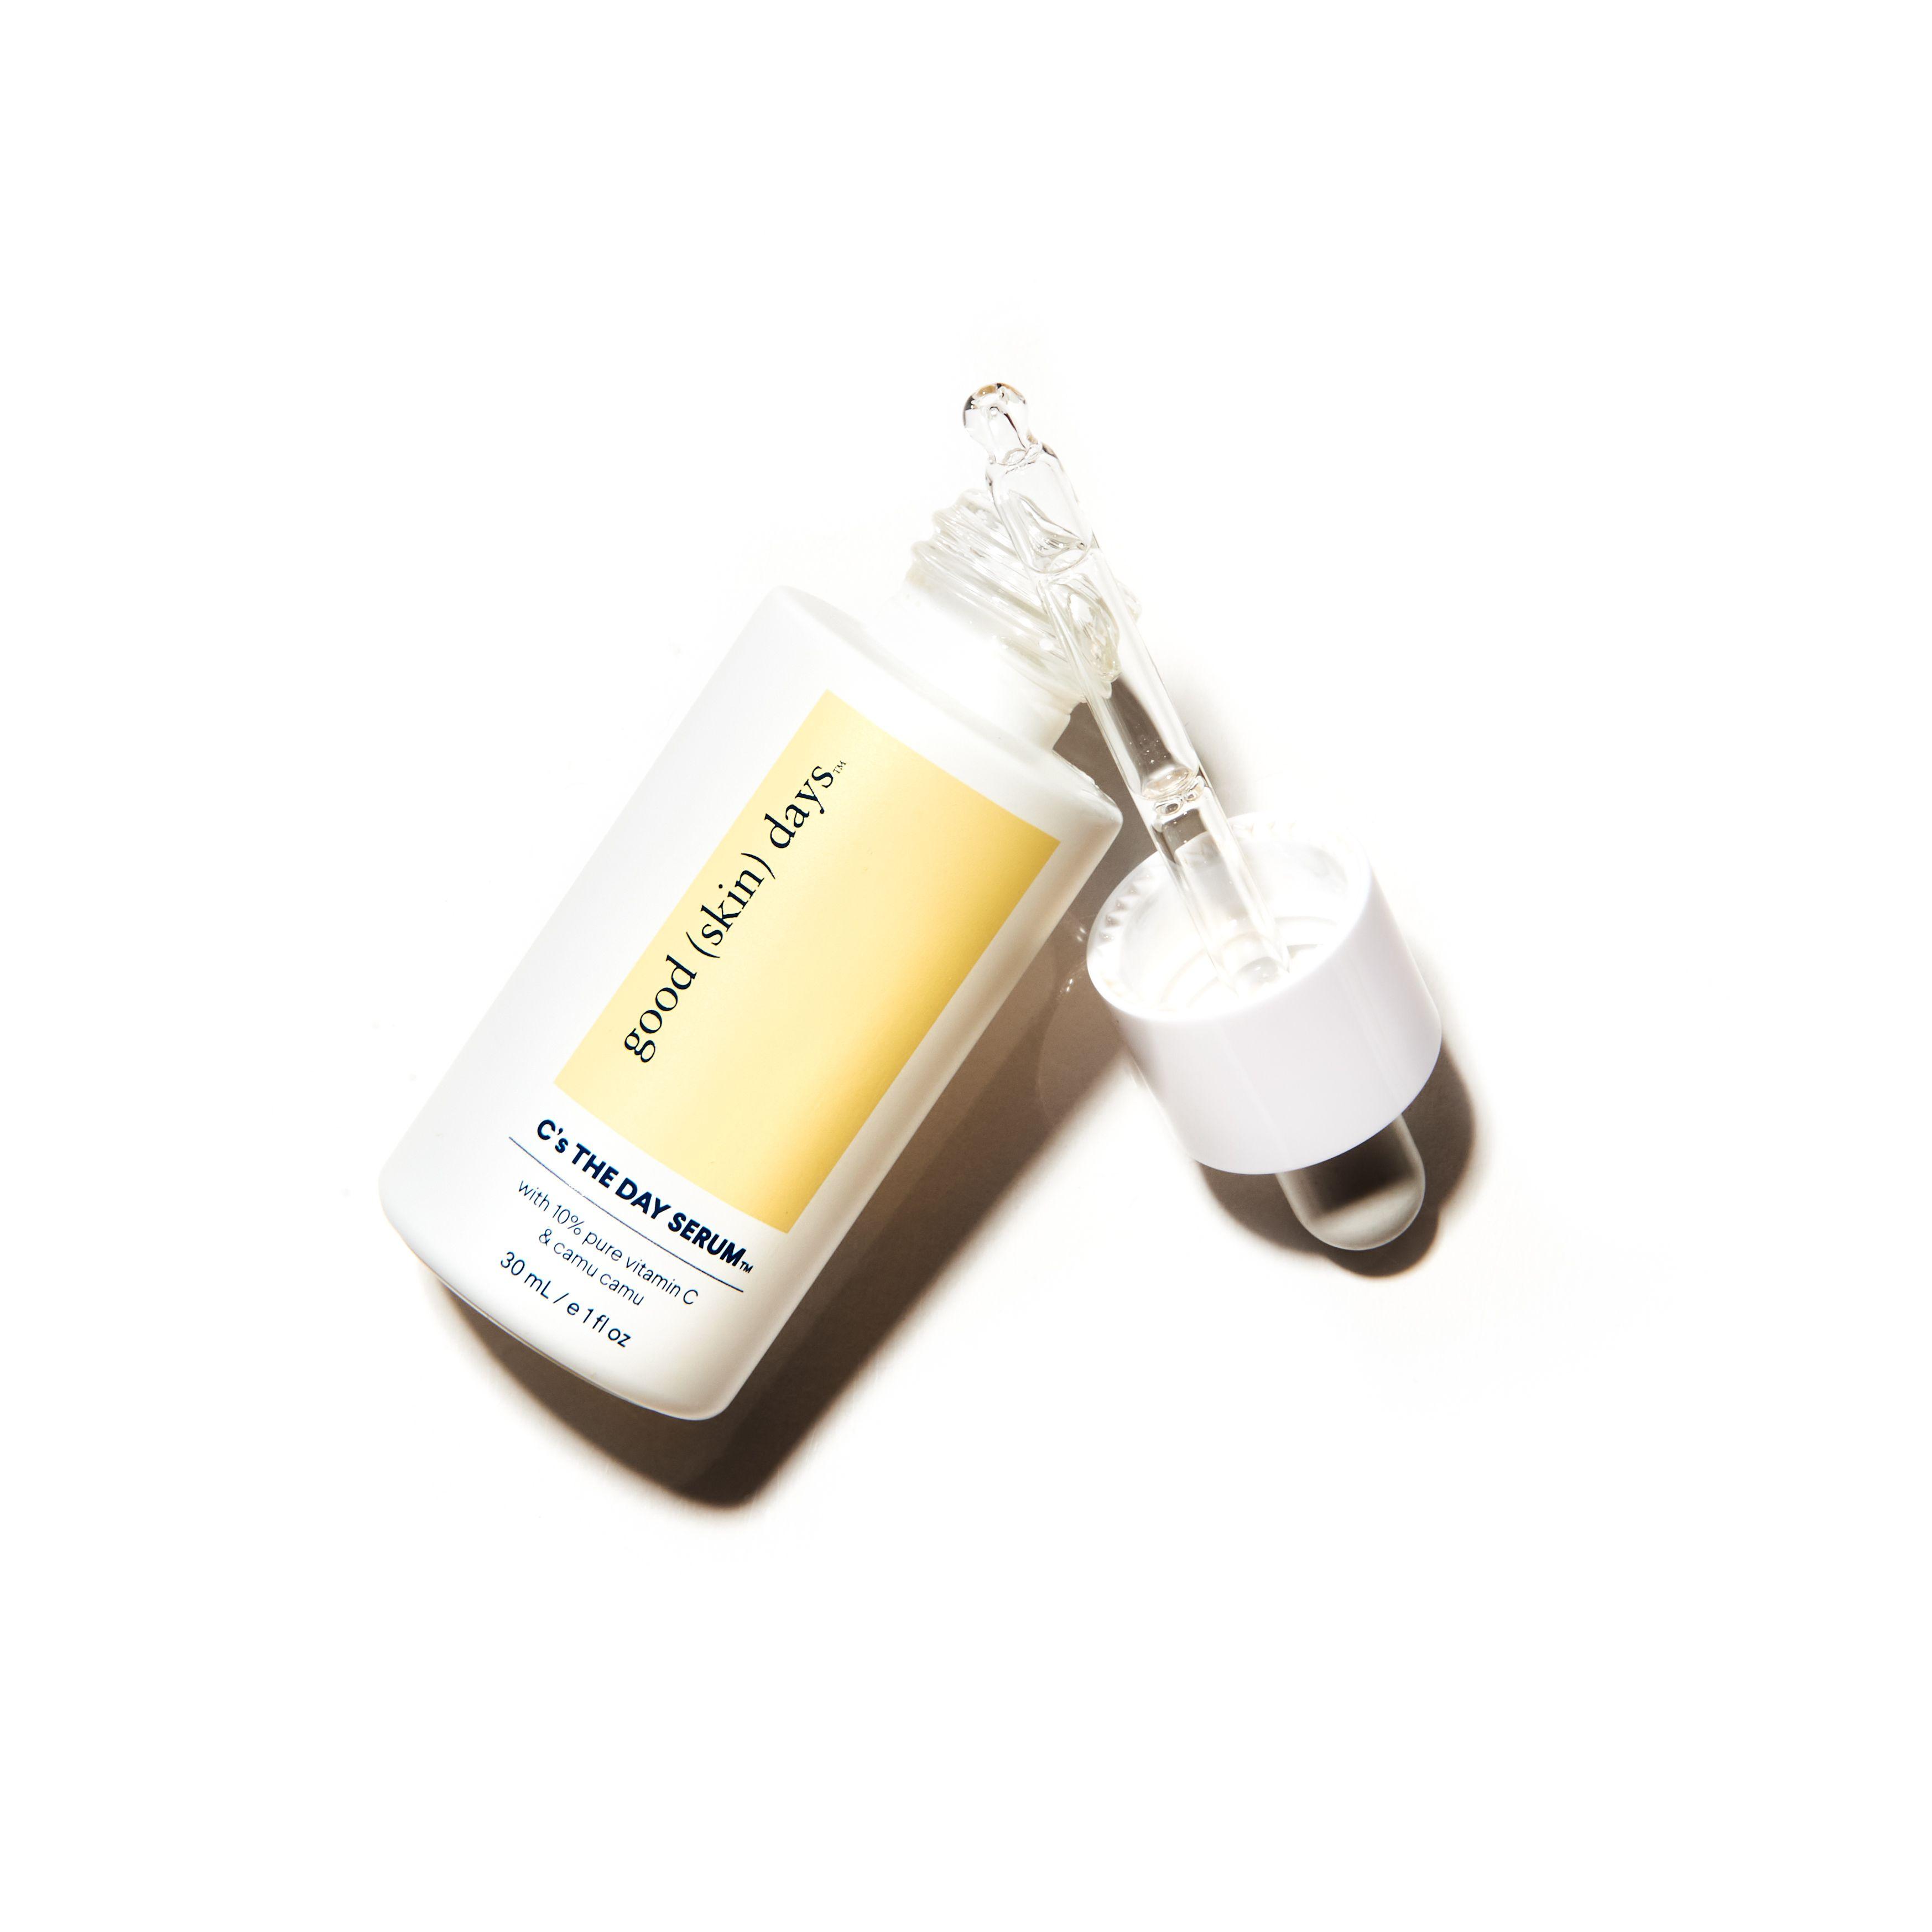 C S The Day Serum Serum Good Skin Beauty Skin Care